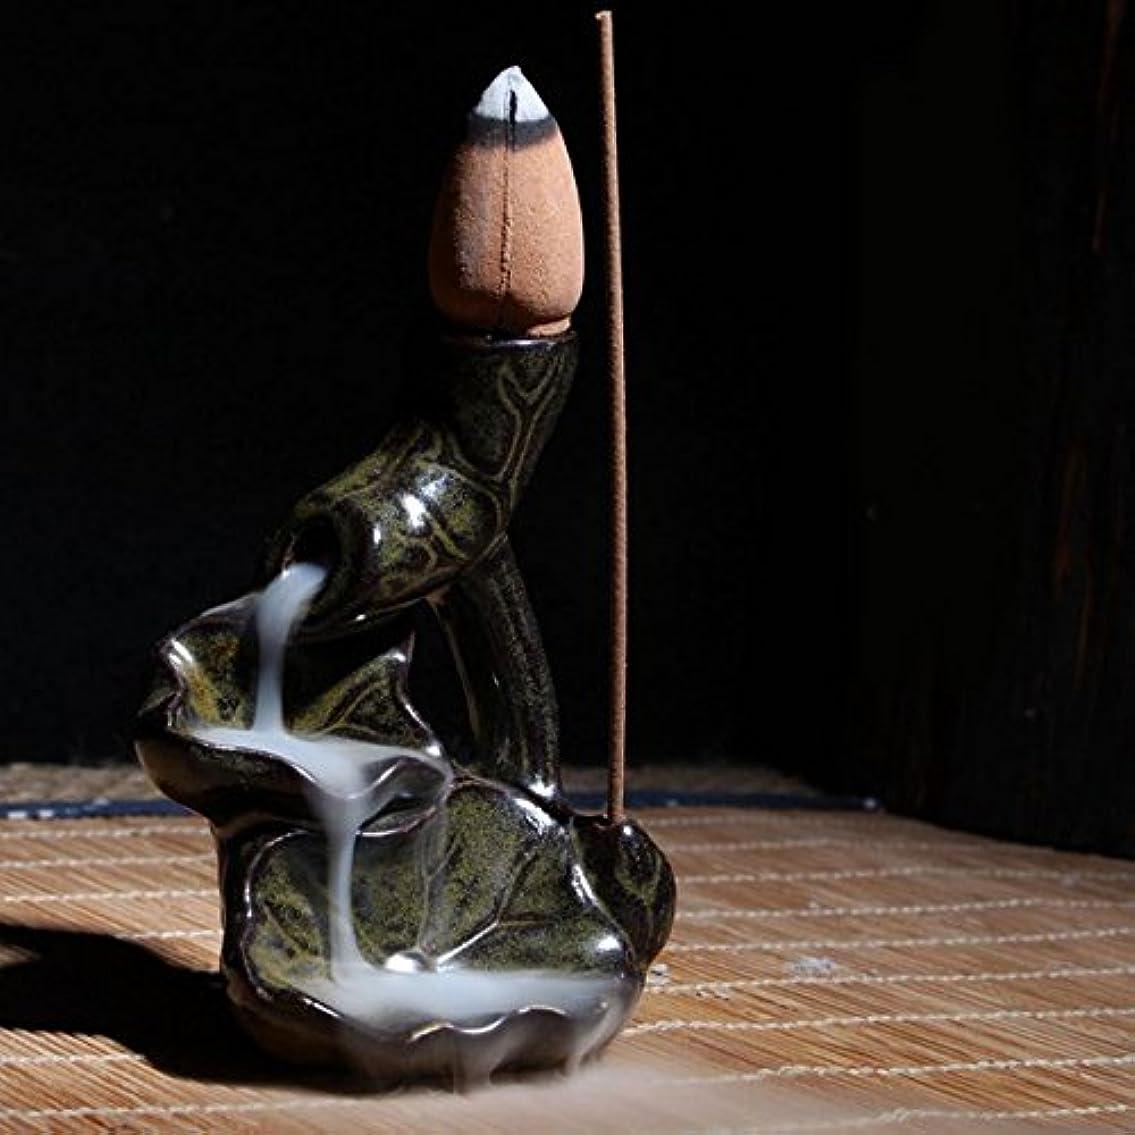 ハウジング用心する早い香炉ホルダー – 1 Piece Water LilyセラミックGlaze逆流香炉ホルダーコーン香立てホーム